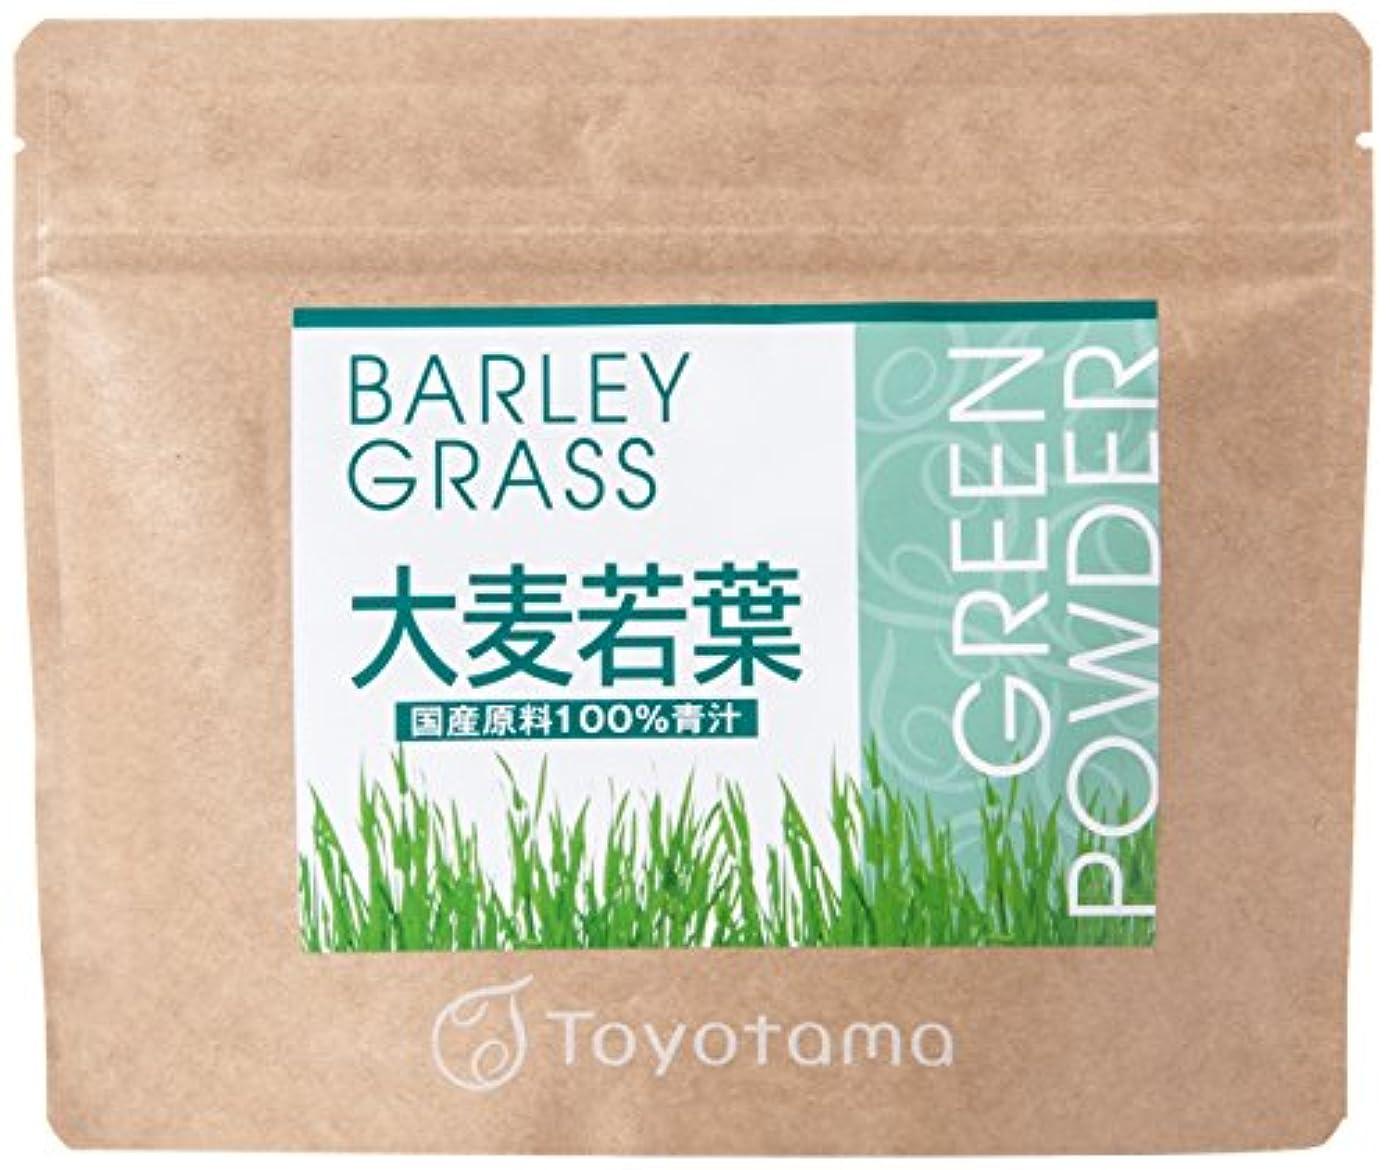 お肉混沌支店トヨタマ(TOYOTAMA) 国産大麦若葉100%青汁 90g (約30回分) 無添加 ピュアパウダー 1096313